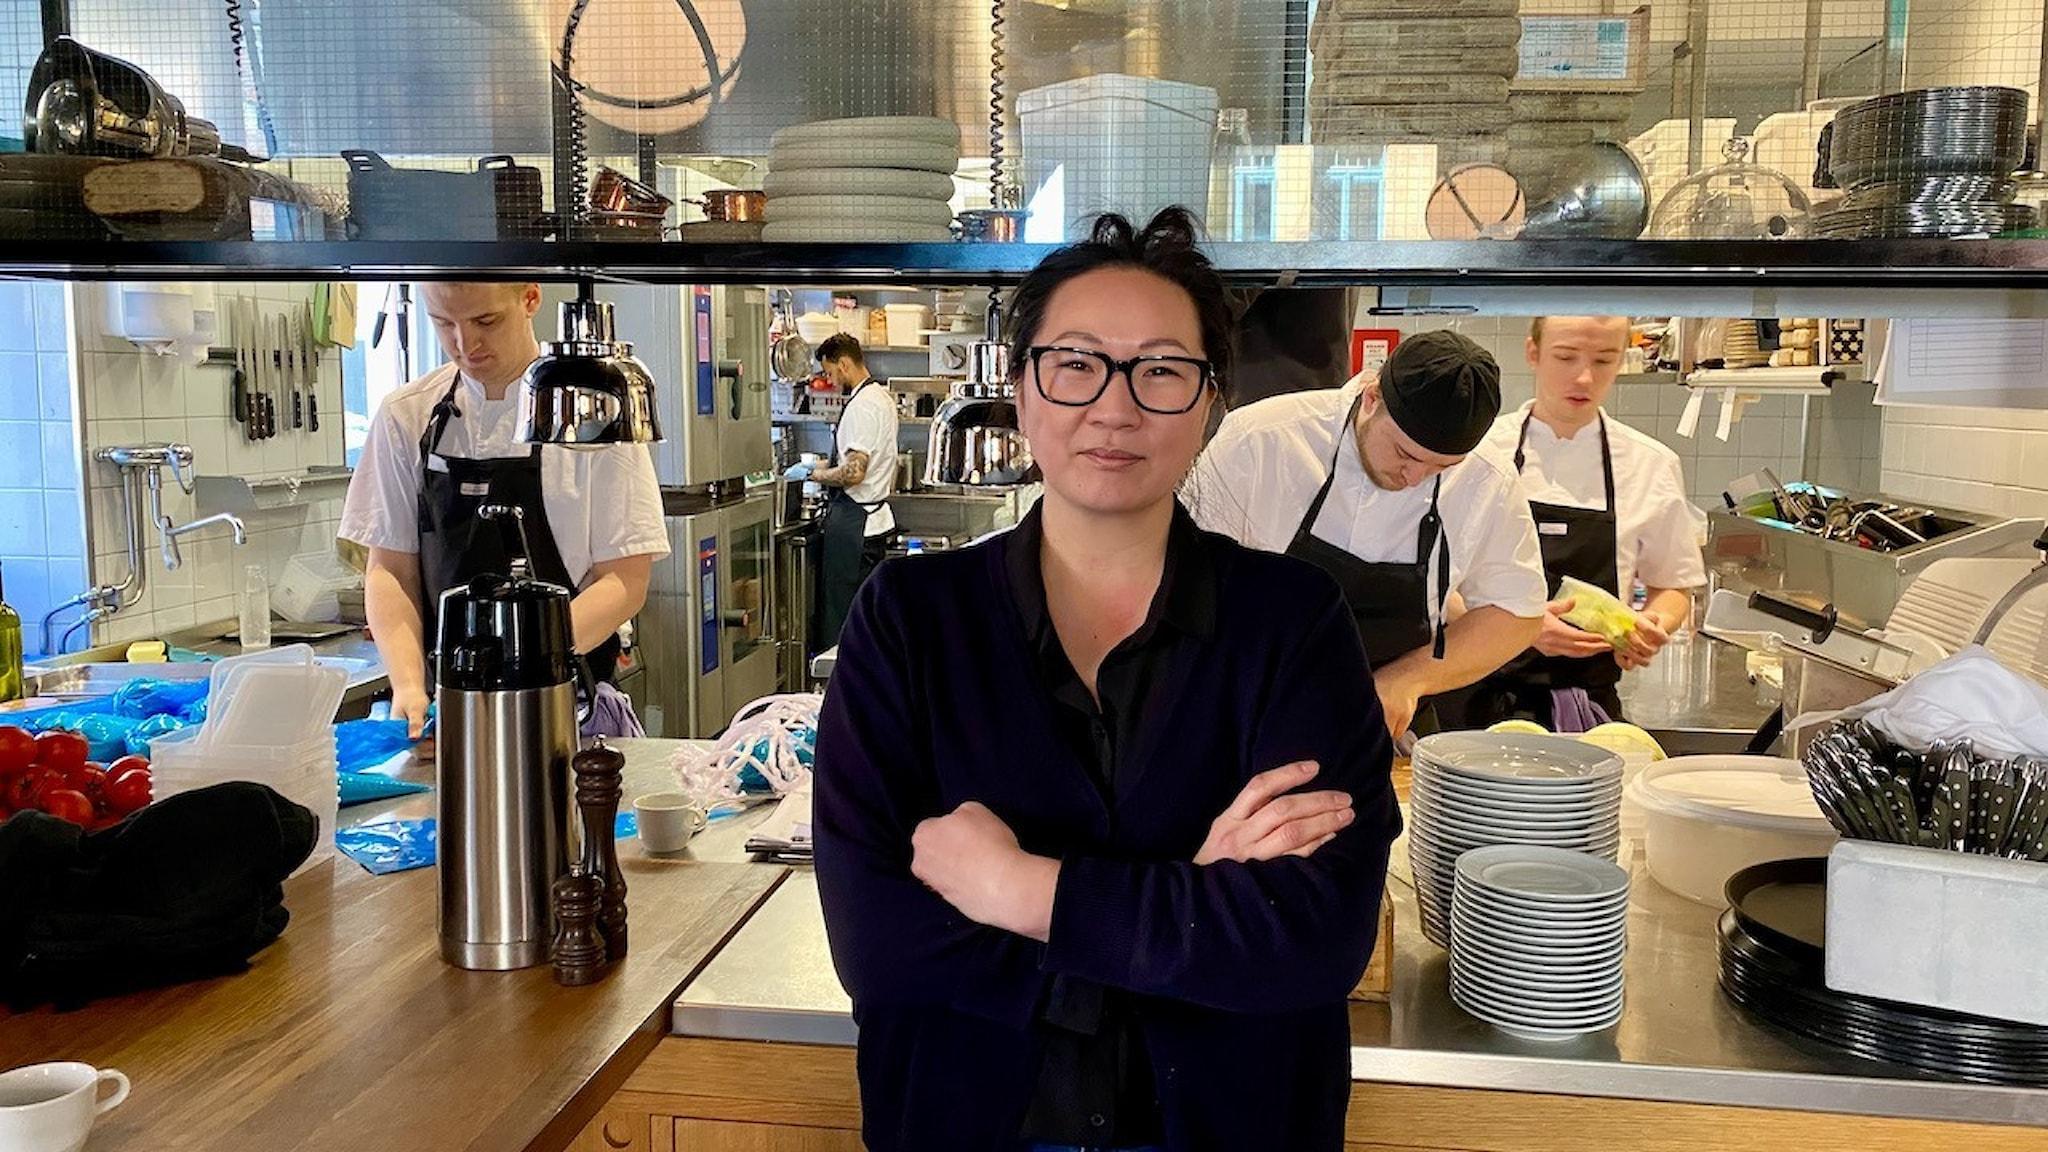 Emelie Svenssons restaurang har kompletterat verksamheten med hämtmat och helgkassar.